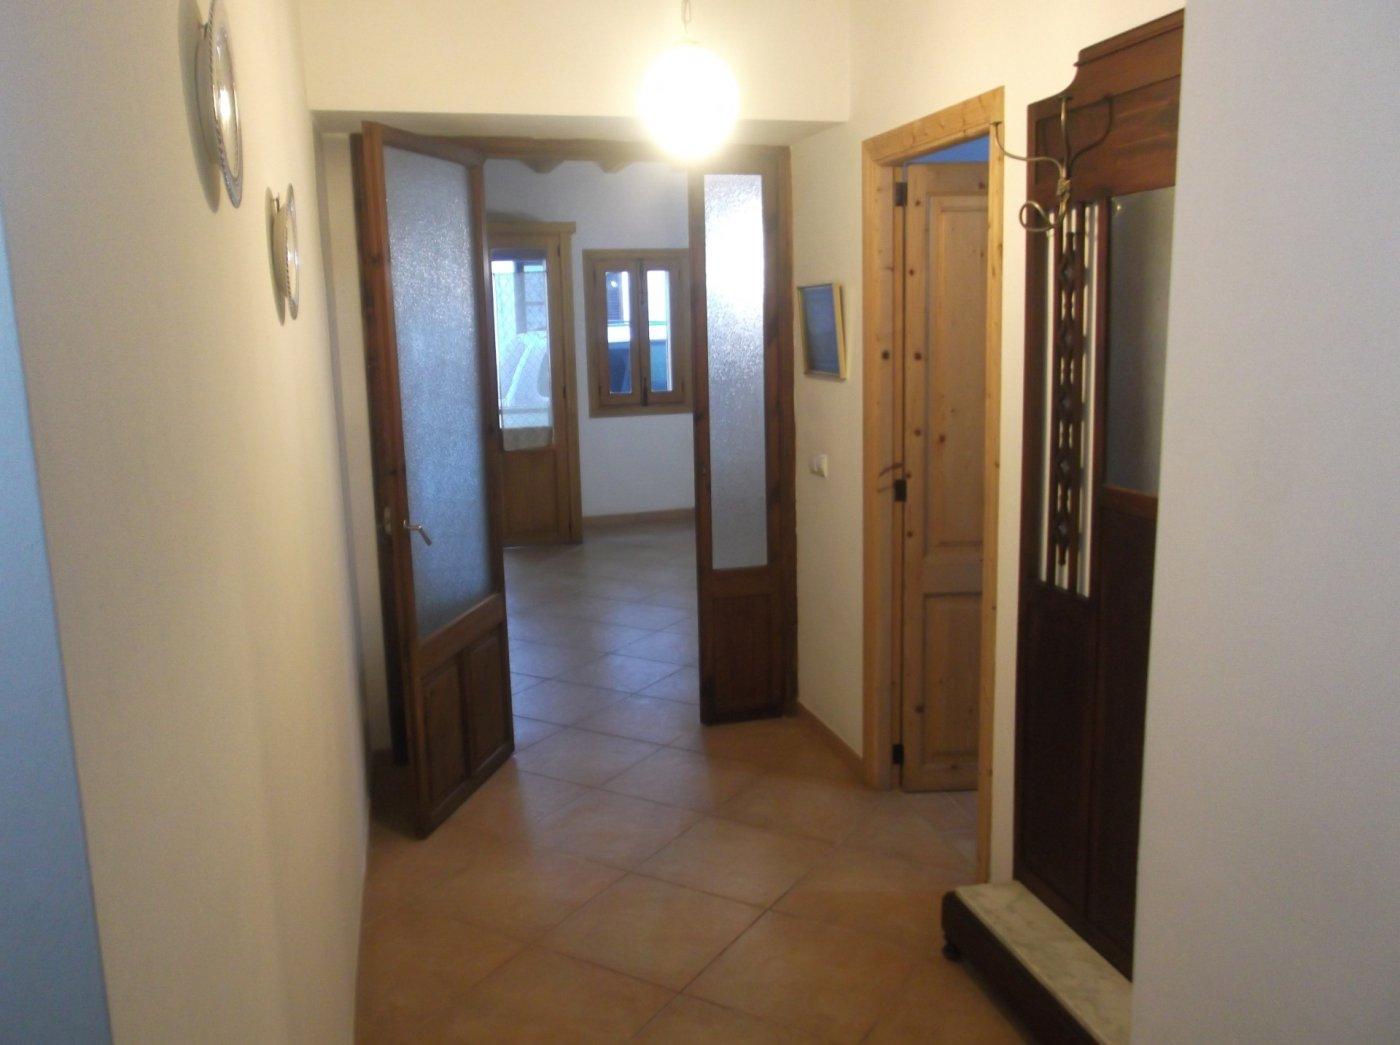 En venta casa de pueblo reformada 3 alturas estilo mallorquin centro llucmajor - imagenInmueble31